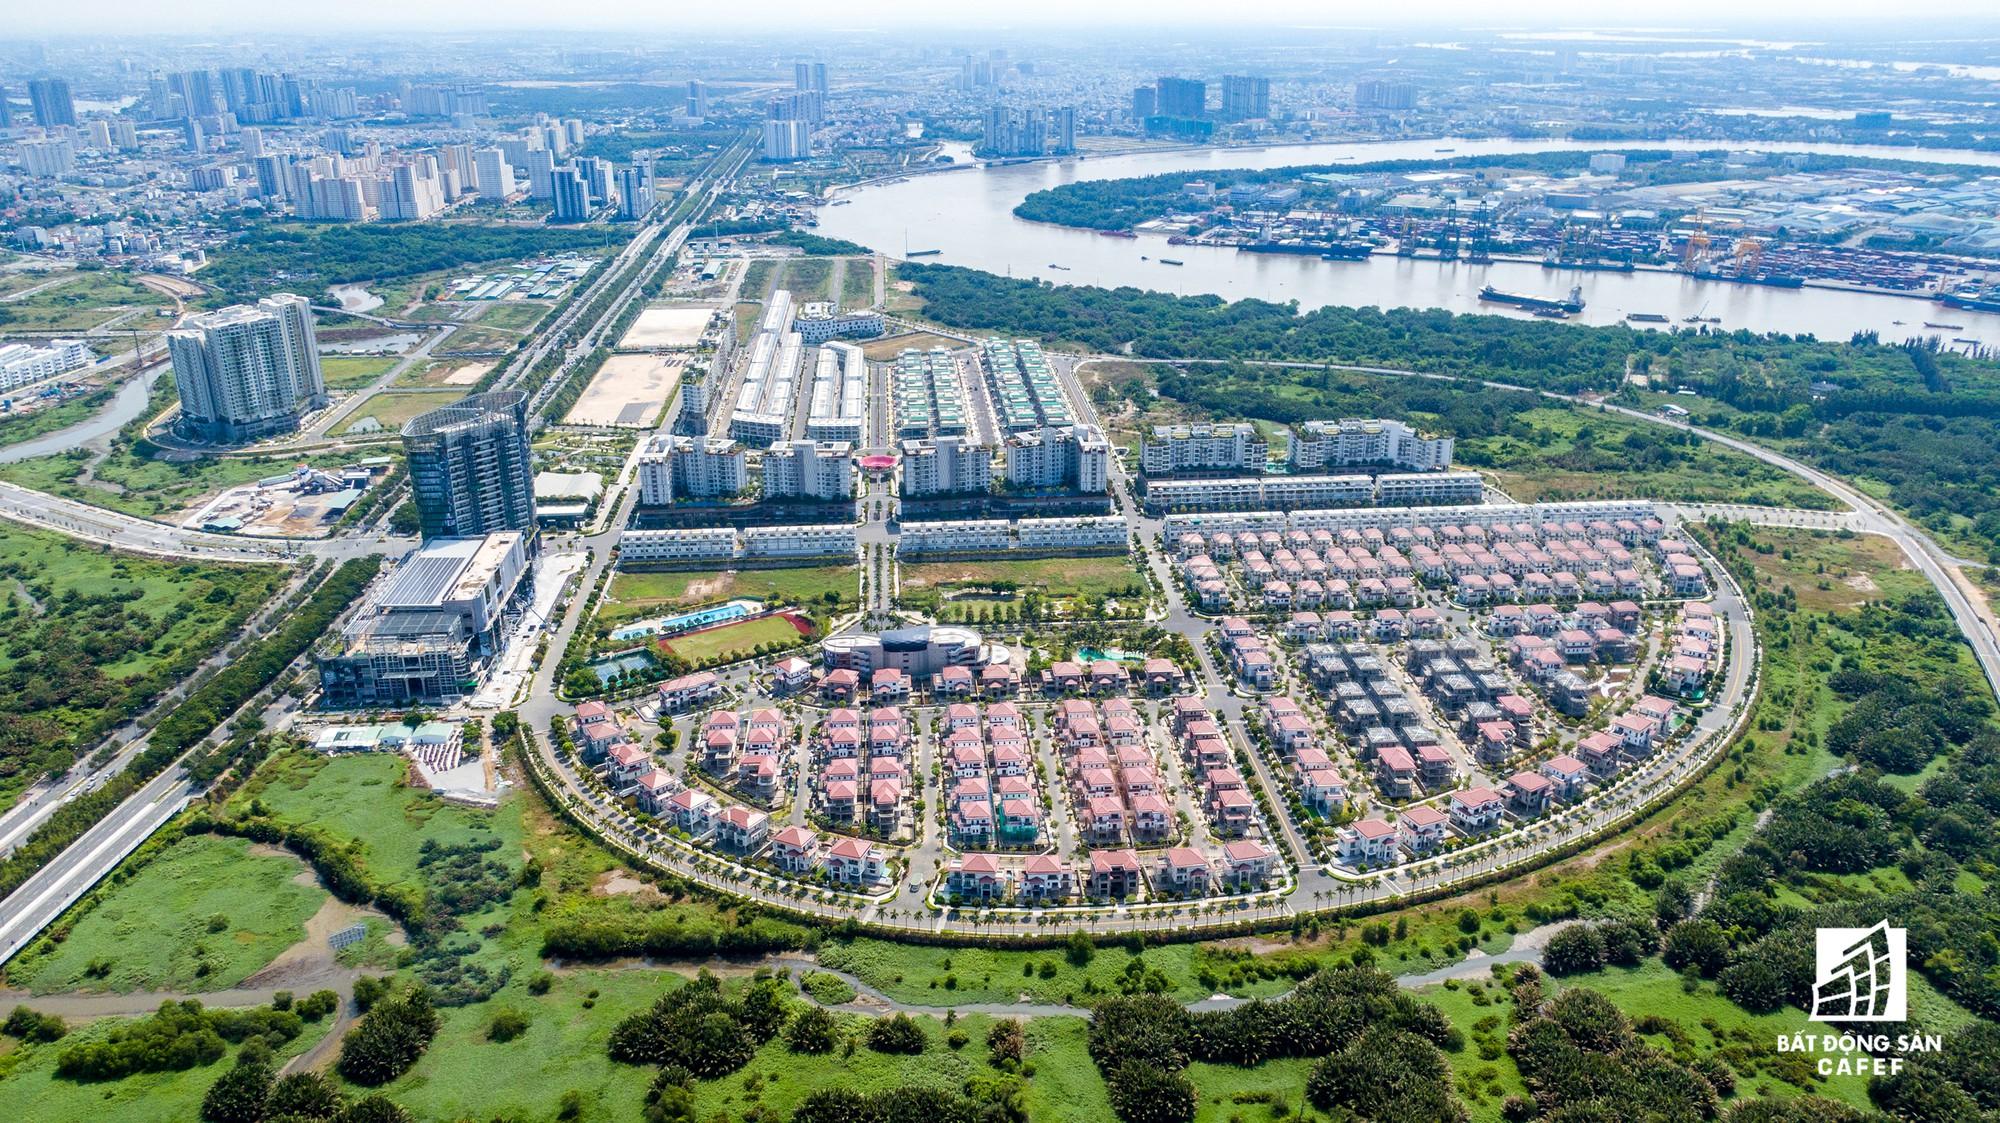 Diện mạo hai bờ sông Sài Gòn tương lai nhìn từ loạt siêu dự án tỷ đô, khu vực trung tâm giá nhà lên hơn 1 tỷ đồng/m2 - Ảnh 16.